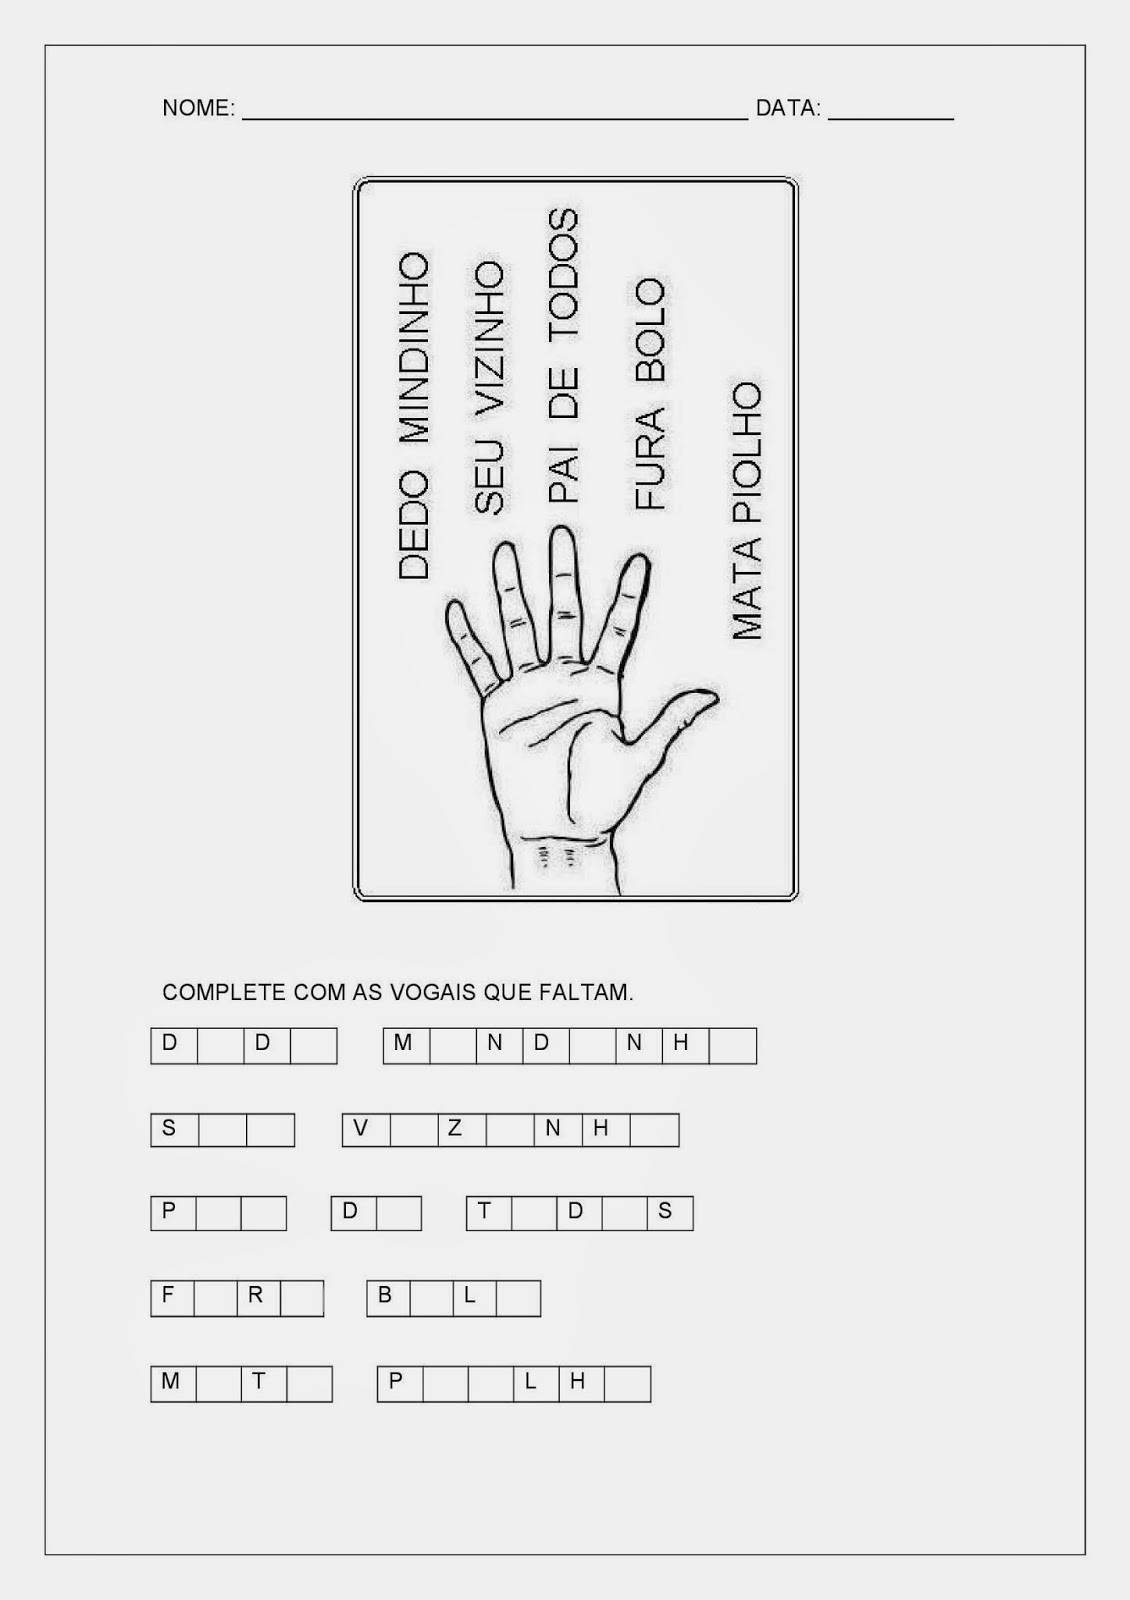 Atividades de Português - Atividades de Alfabetização - Complete com Vogais